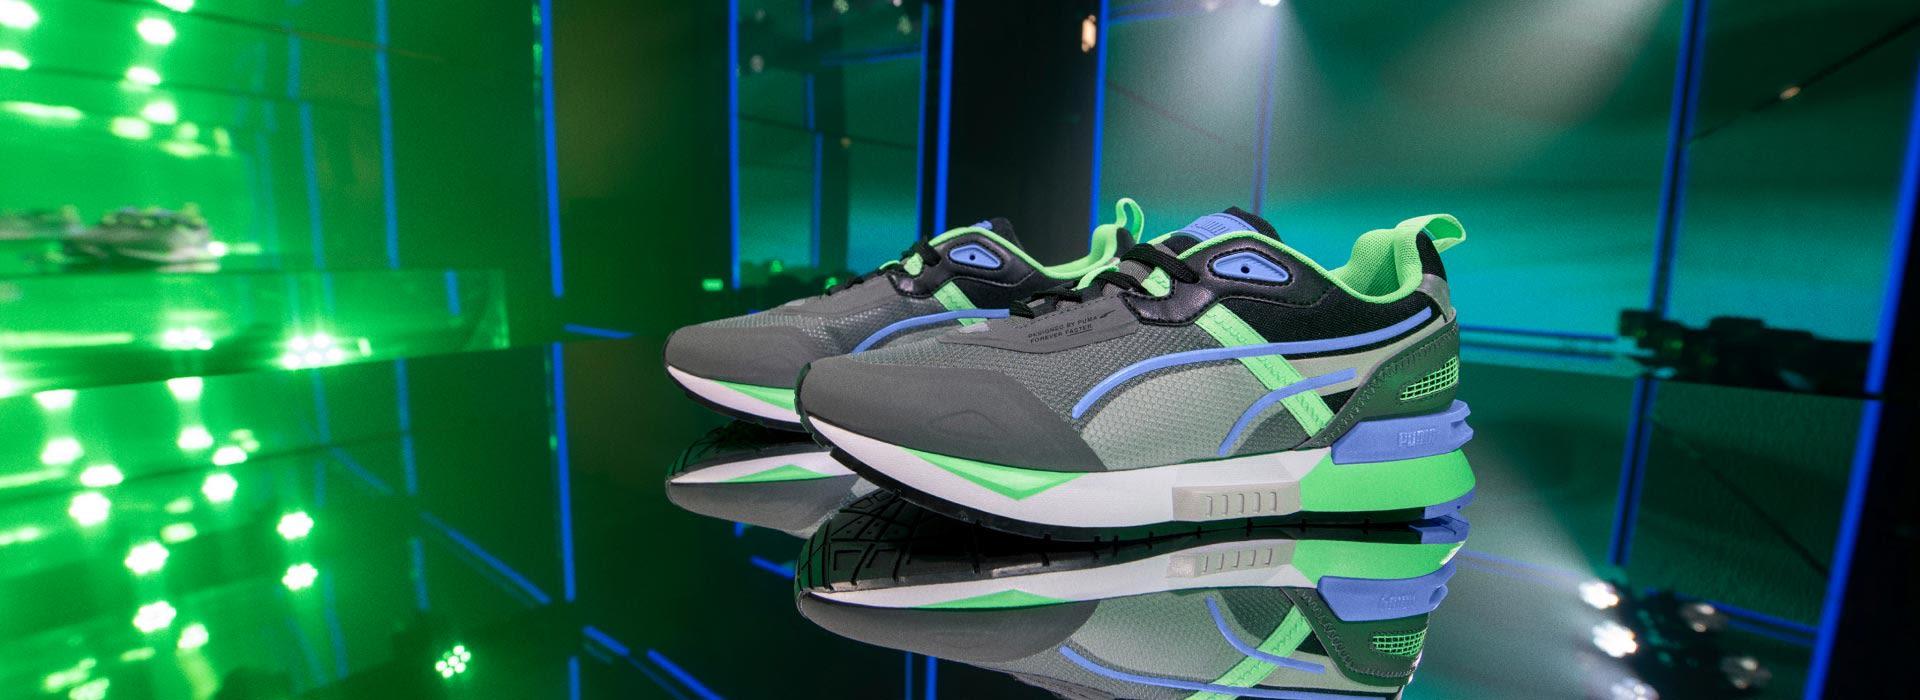 Zapatillas de moda deportiva para hombre - Moda deportiva para hombre en Fútbol Factory